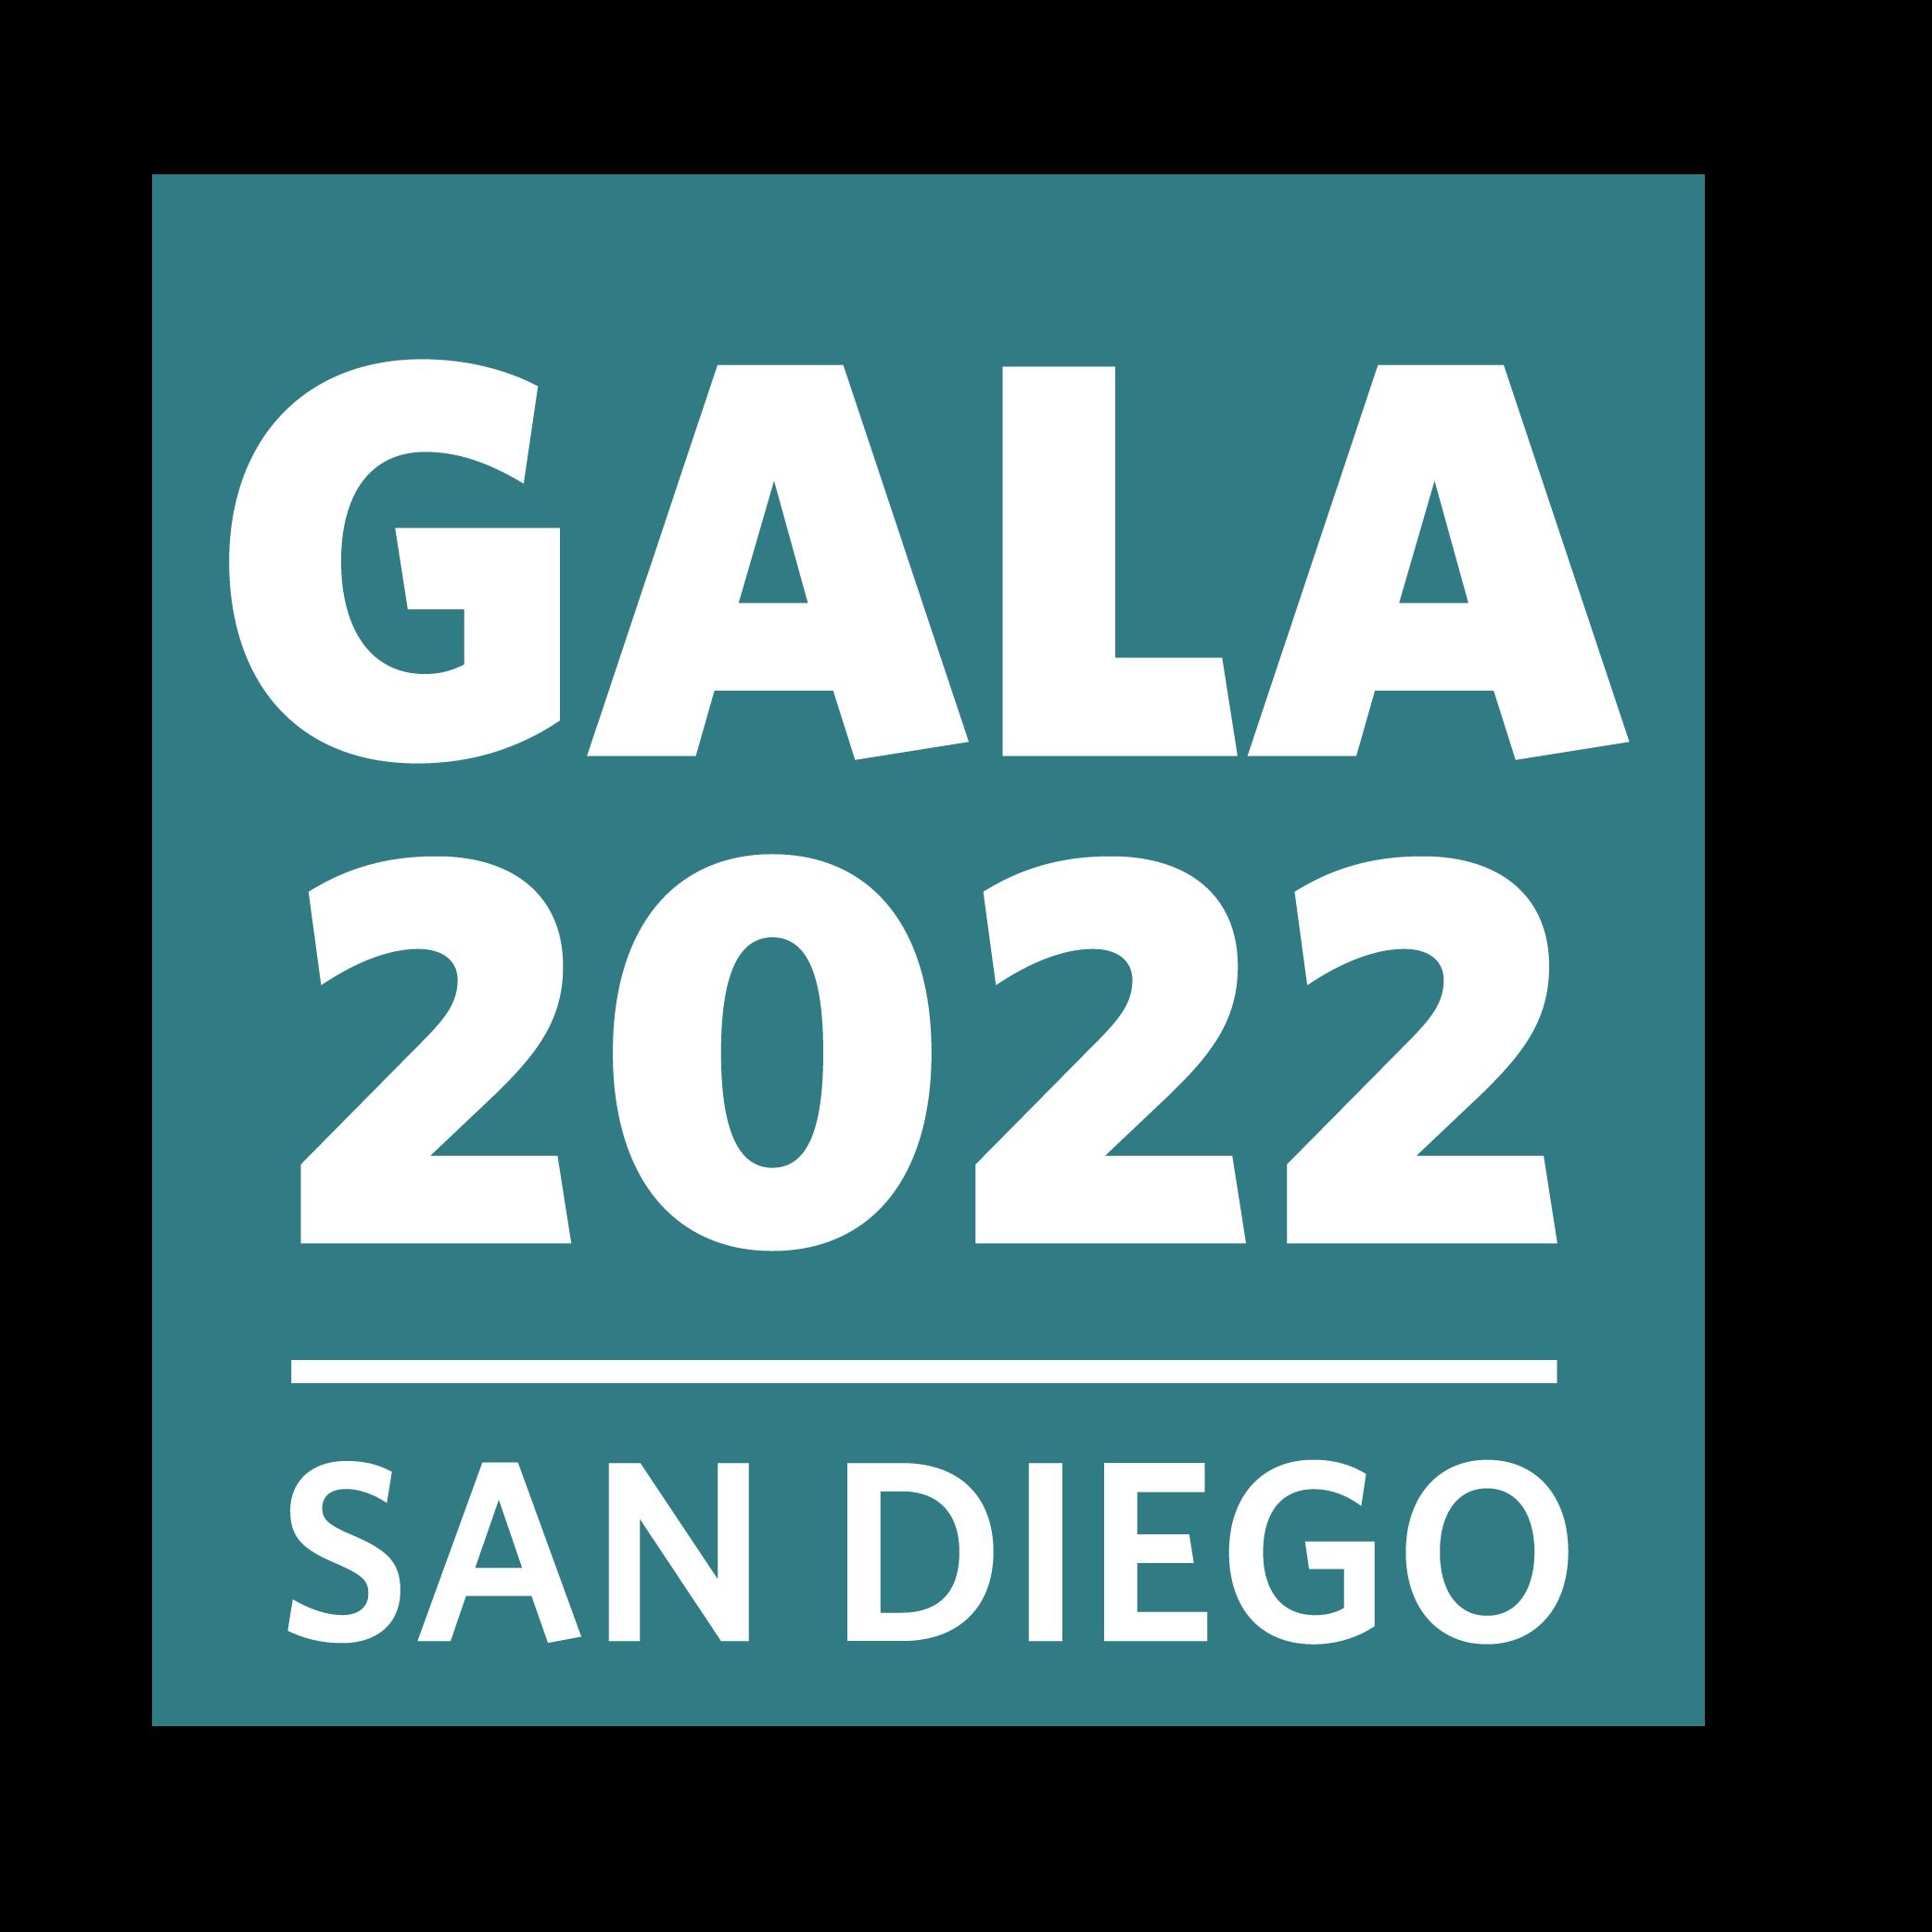 GALA 2022 San Diego